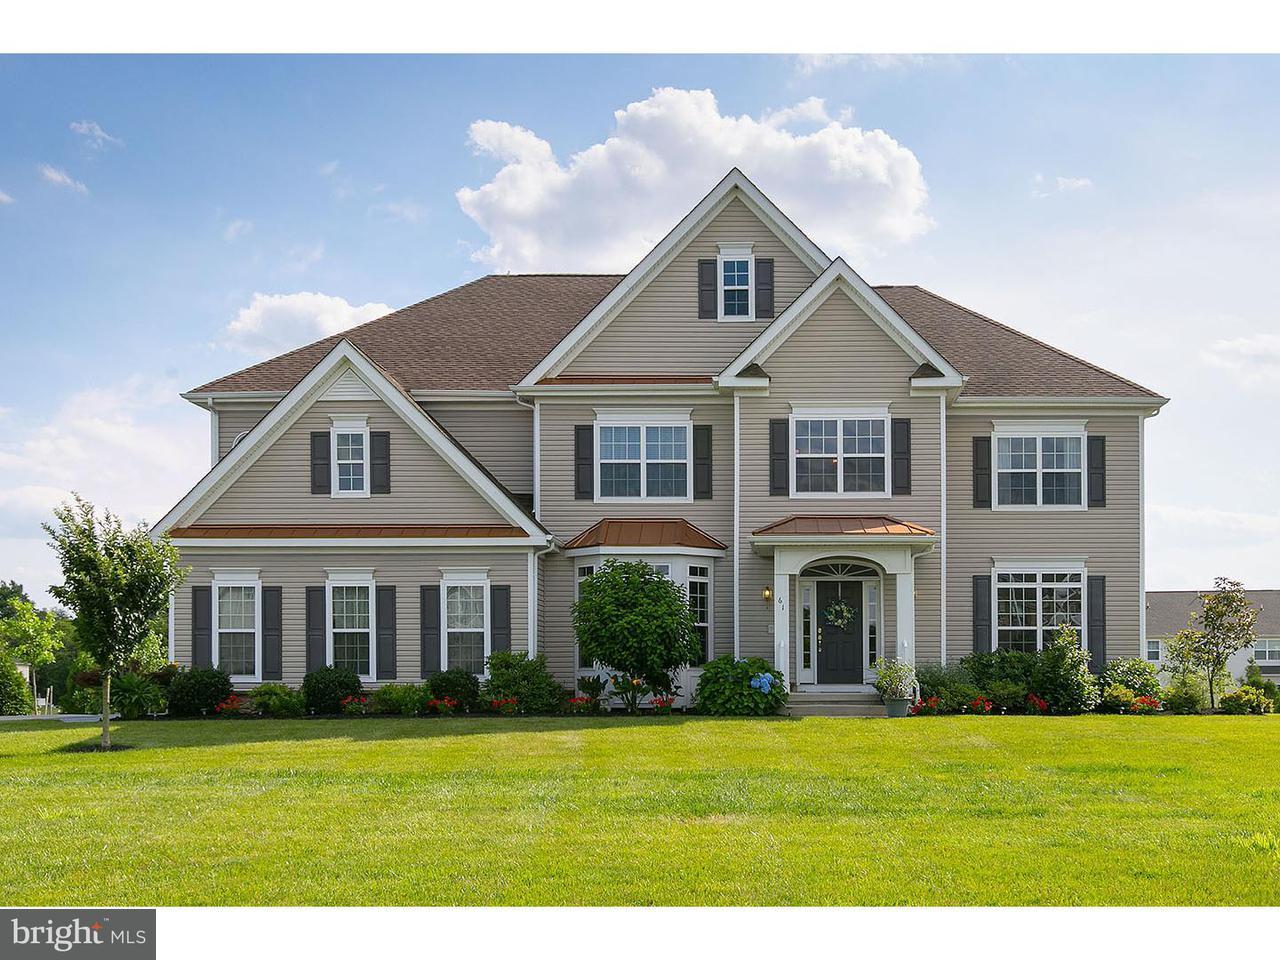 独户住宅 为 销售 在 61 CURTMANTLE Road Mickleton, 新泽西州 08056 美国